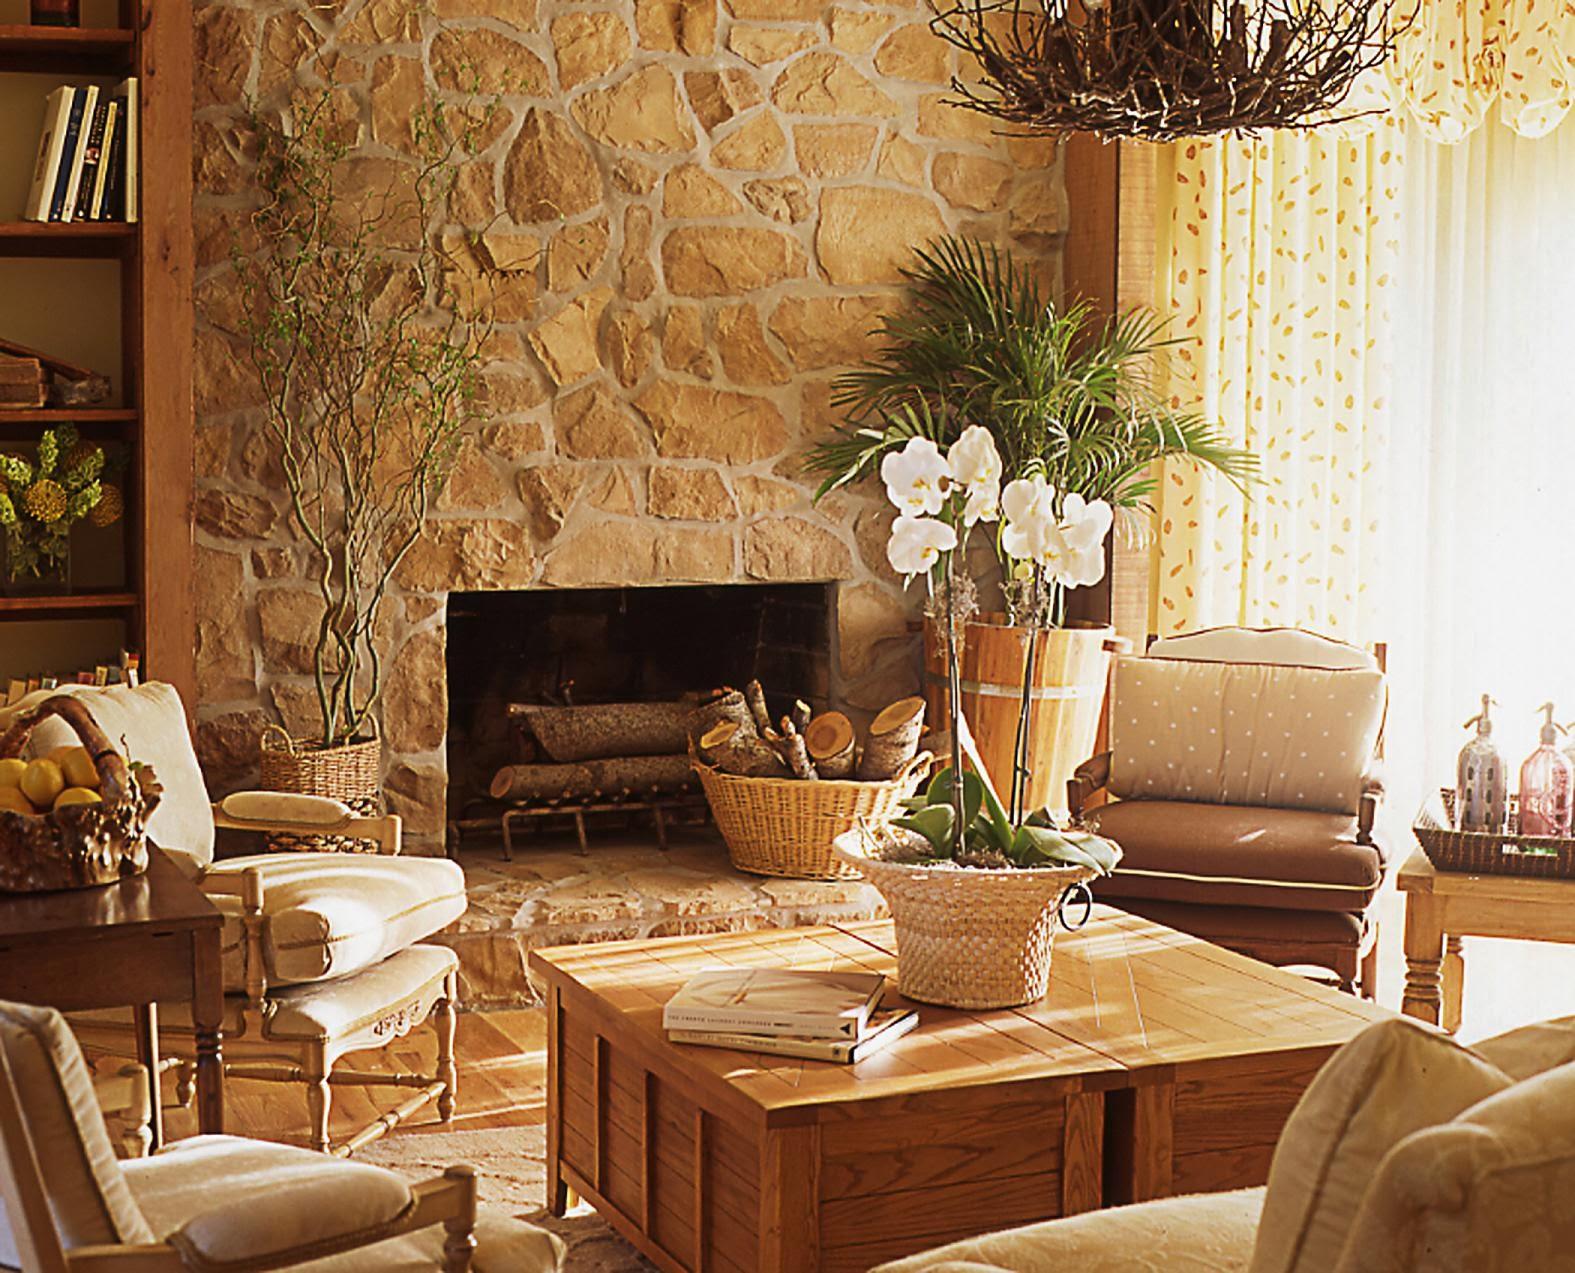 La maison 17 decoraci n interiorismo sal n i tama o y - Como decorar un salon con chimenea ...